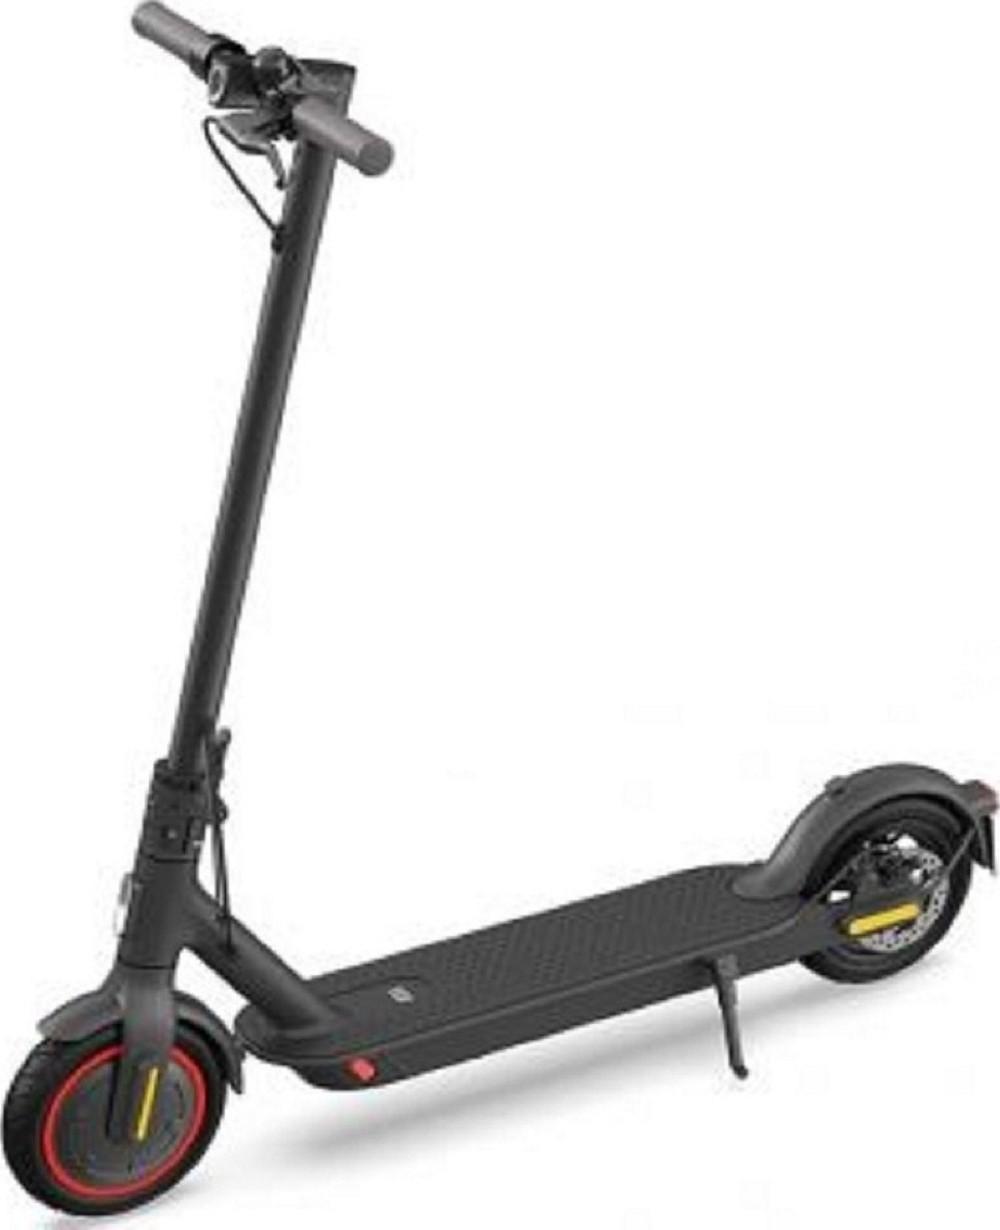 Bästa elsparkcykeln för vuxna